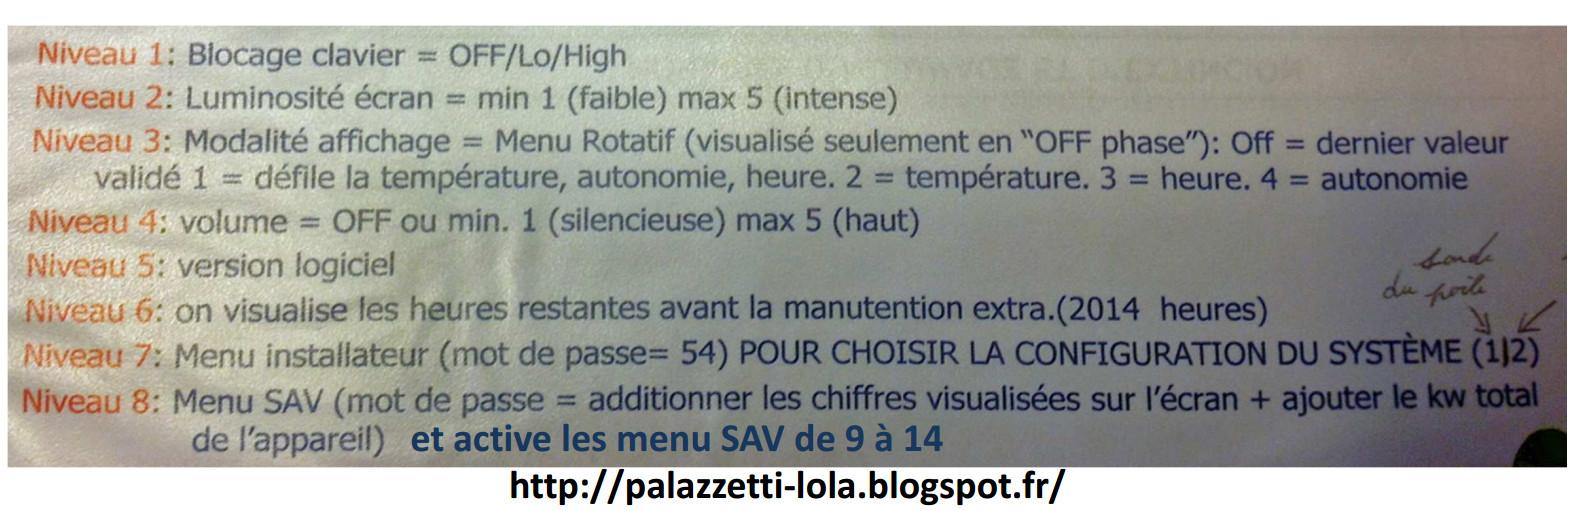 Reset Poele A Pellets Palazzetti Code De Sav Pour Effacer La